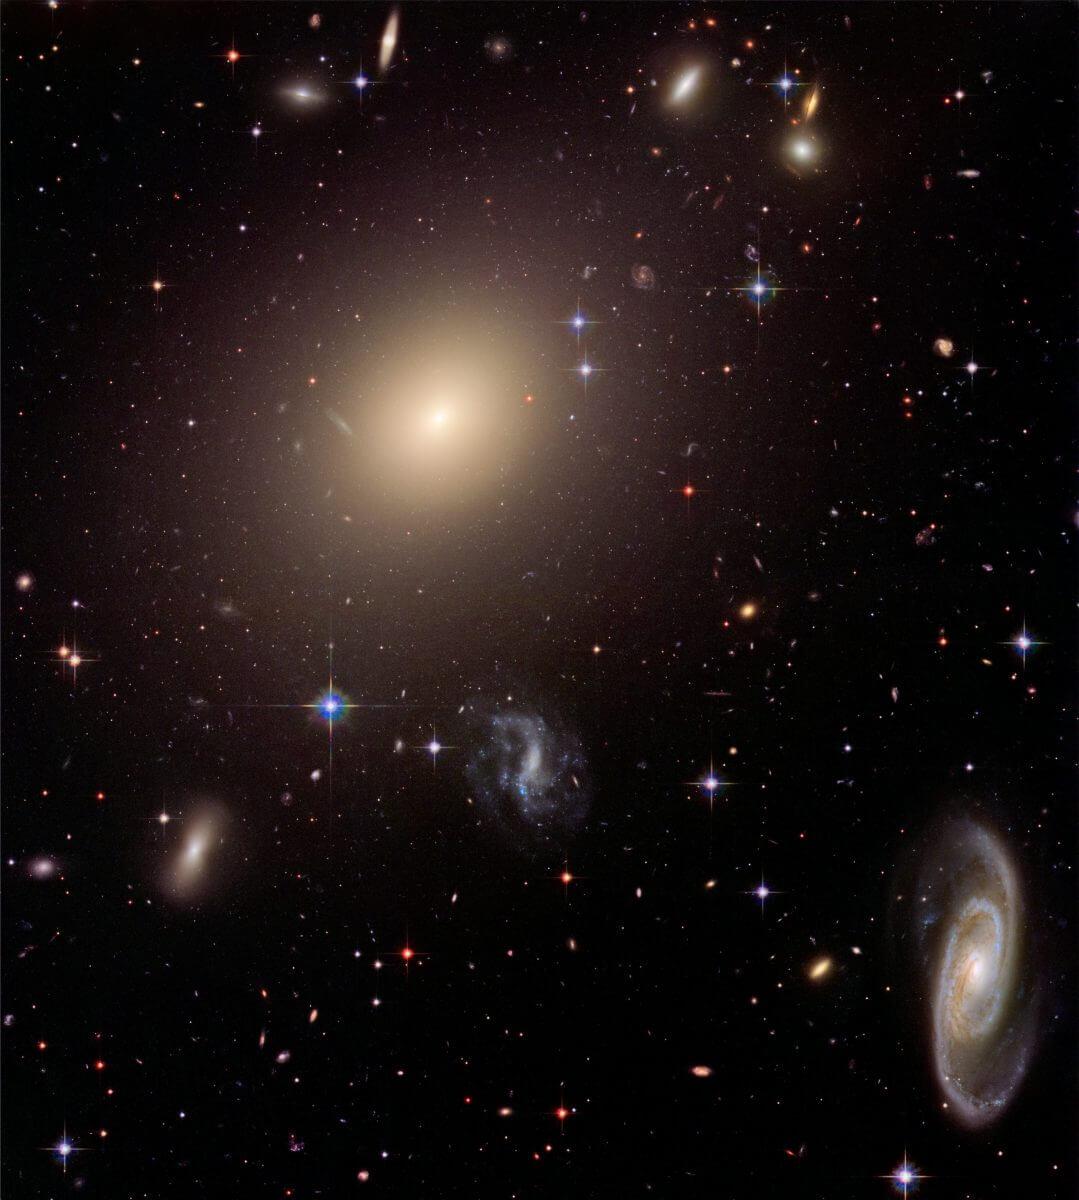 銀河団「Abell S0740」(Credit: NASA, ESA, and The Hubble Heritage Team (STScI/AURA))